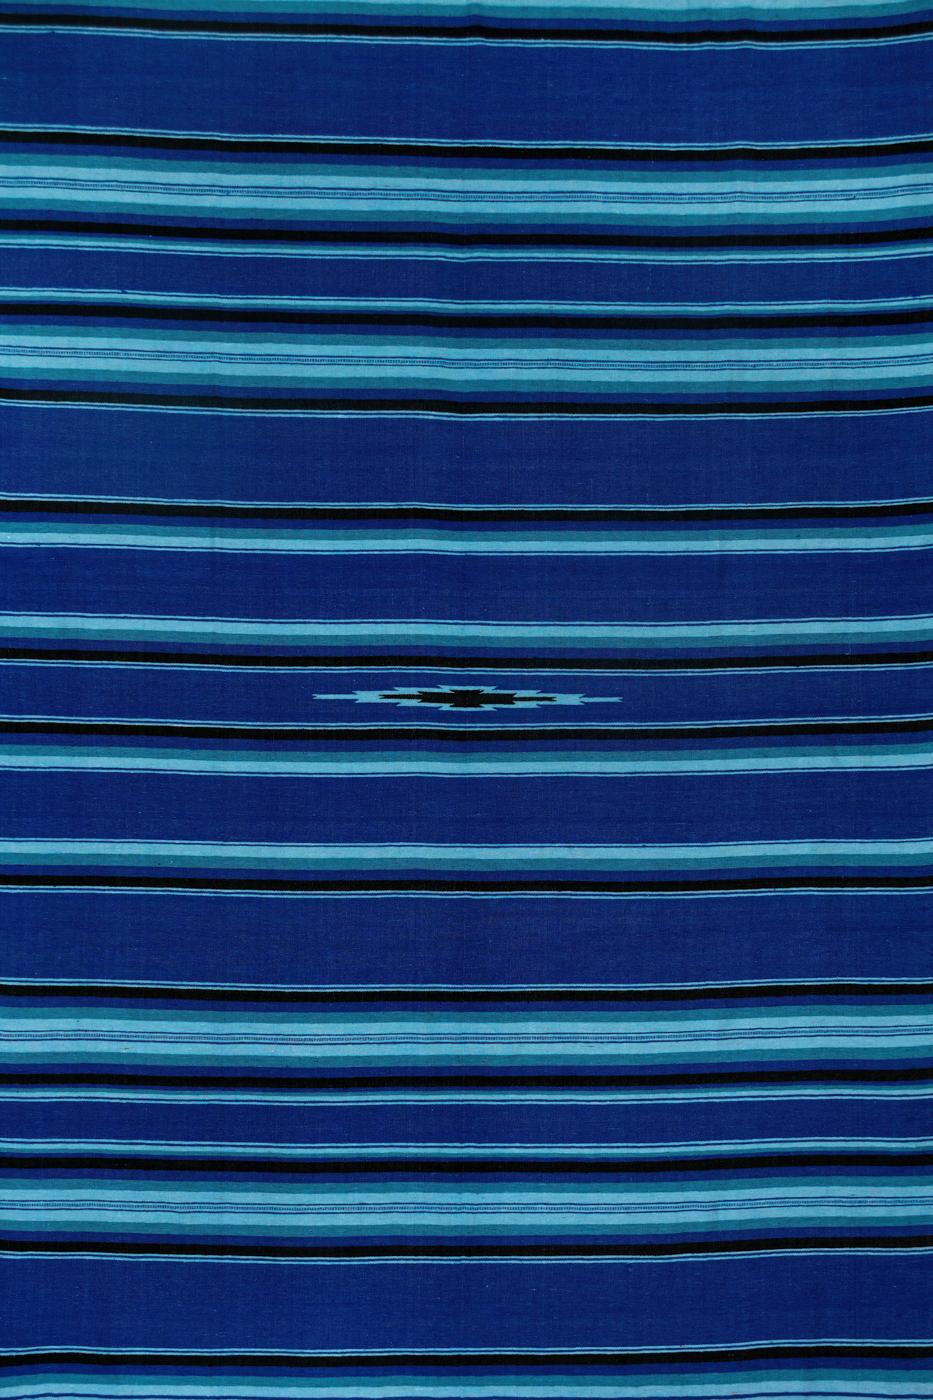 Tapete de lana Zapoteca-Líneas azules